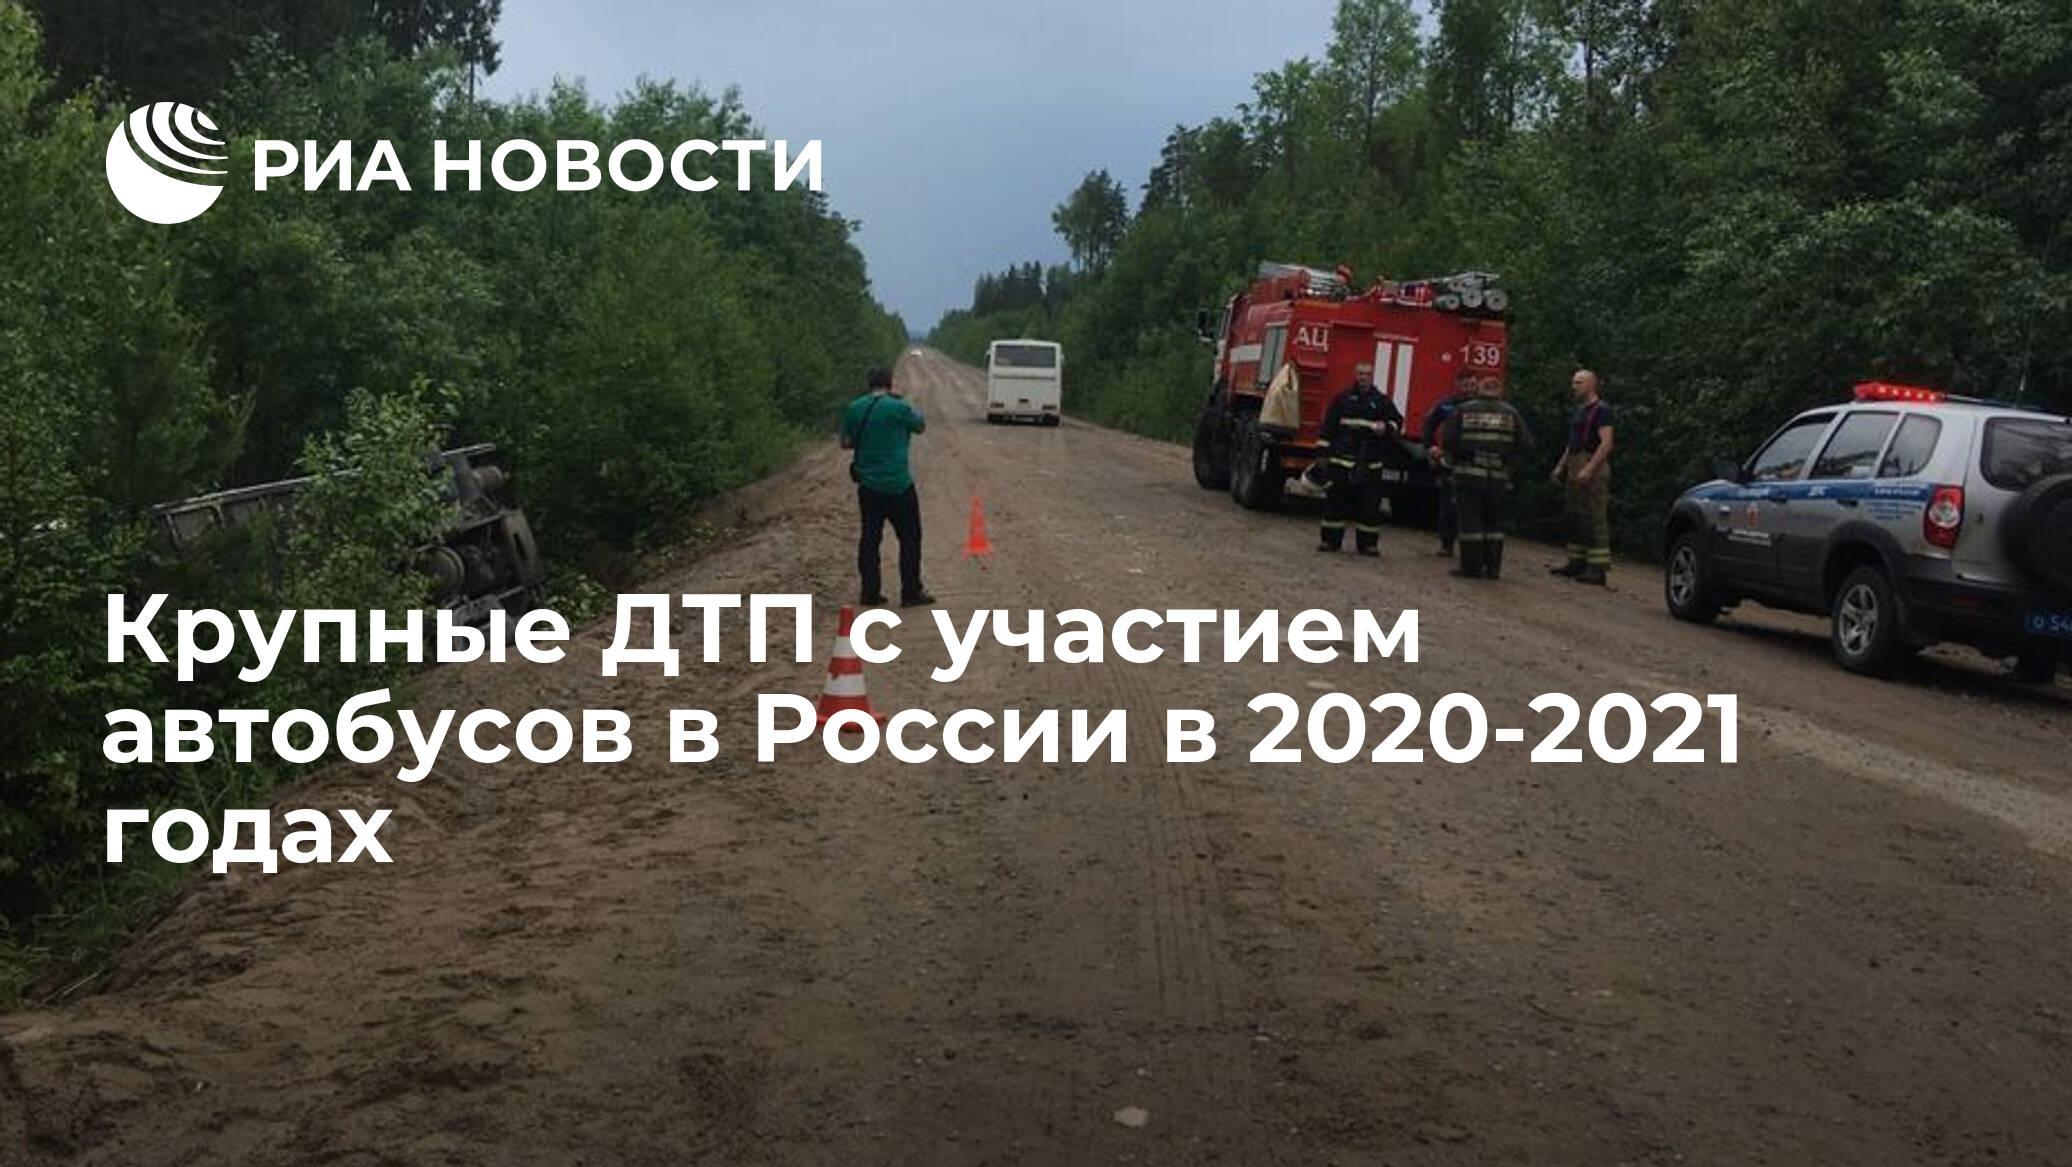 Крупные ДТП с участием автобусов в России в 2020-2021 годах